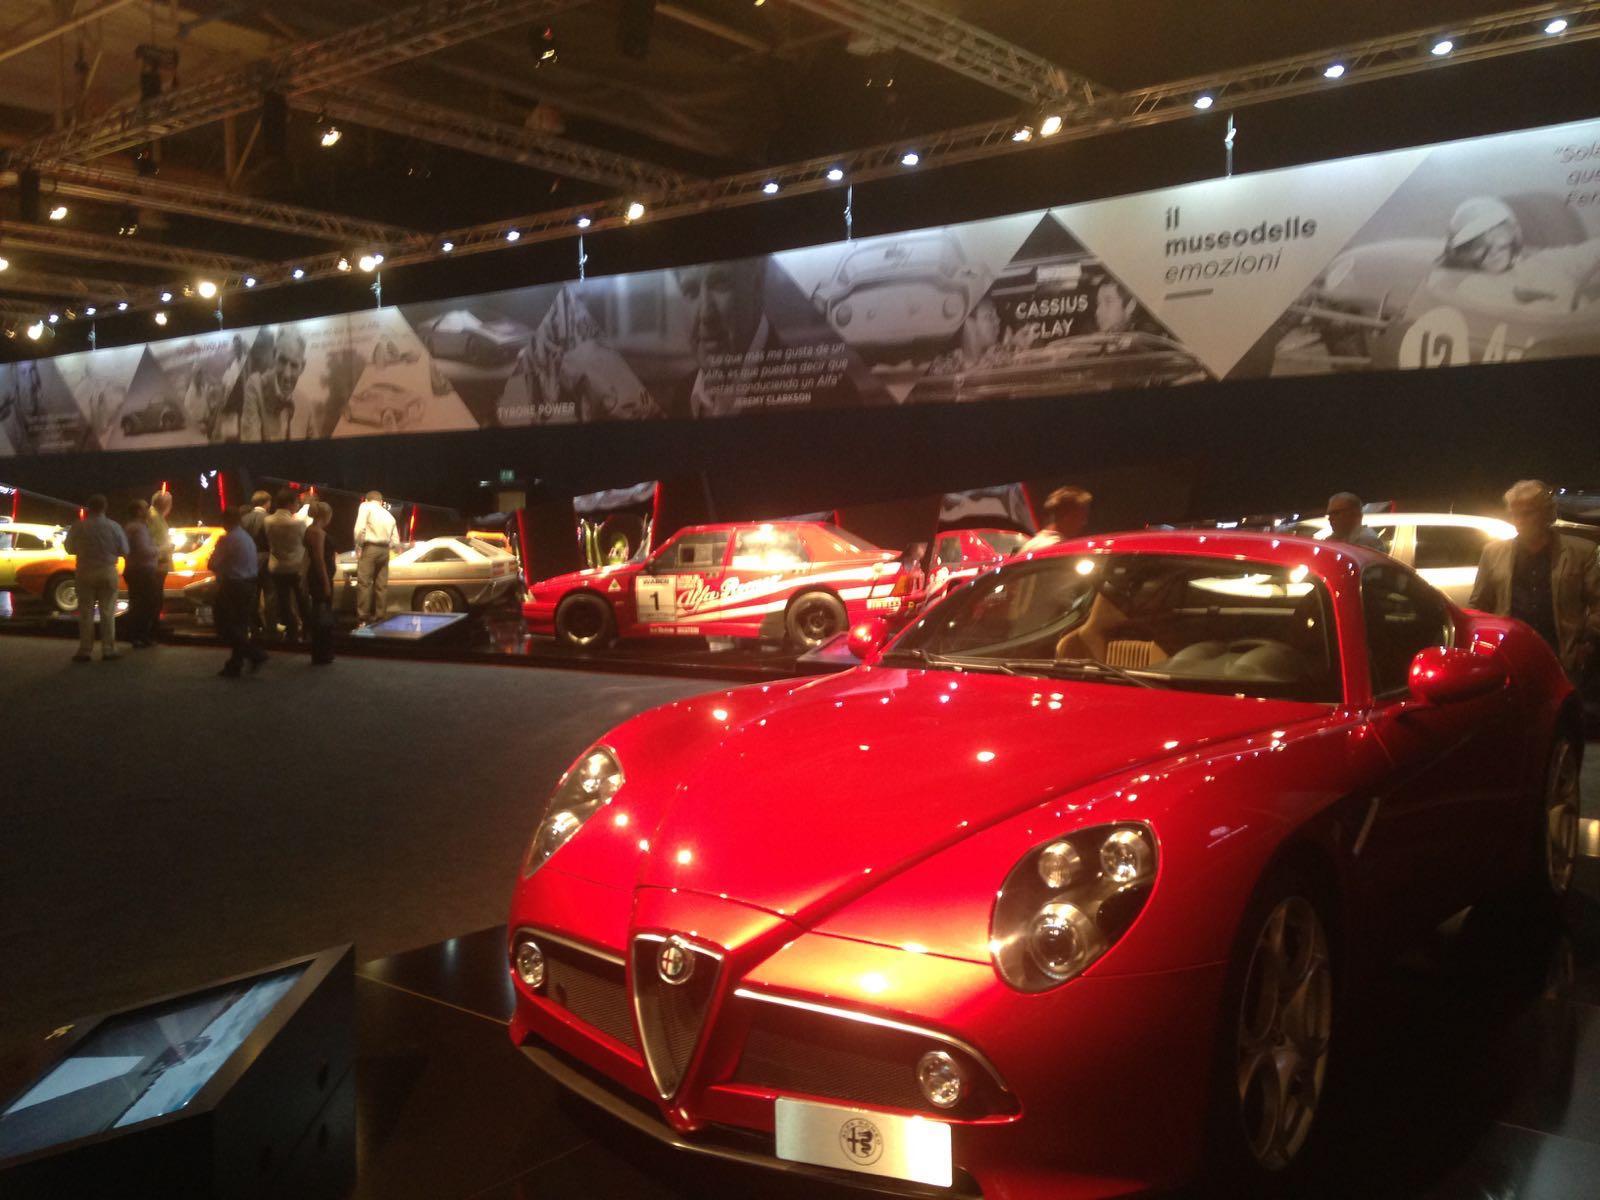 Alfa Romeo Il Museo Delle Emozioni Automitico (21)